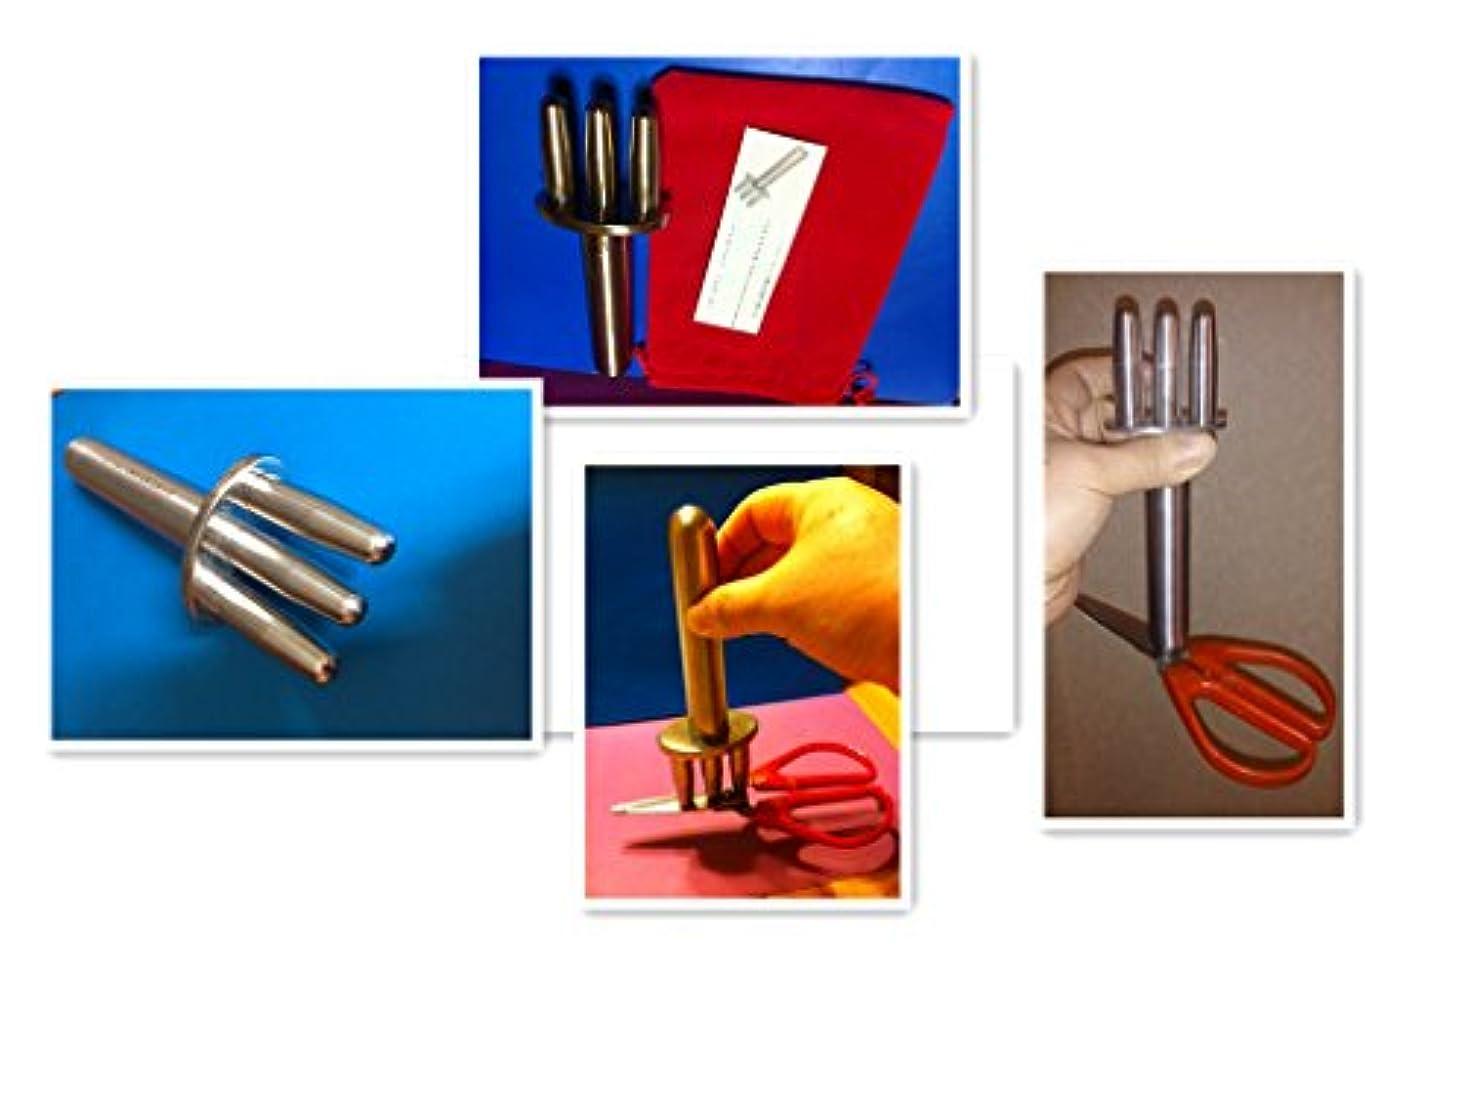 発言するやろう振りかける排酸術排酸棒ボディのマ排酸術磁力マッサジ棒Echo & Kern 陰極磁力排酸棒北極磁気マッサジ棒、磁気棒、ツボ押し棒 磁気 マッサージ棒 指圧棒 磁力がコリに直接当たる排酸術